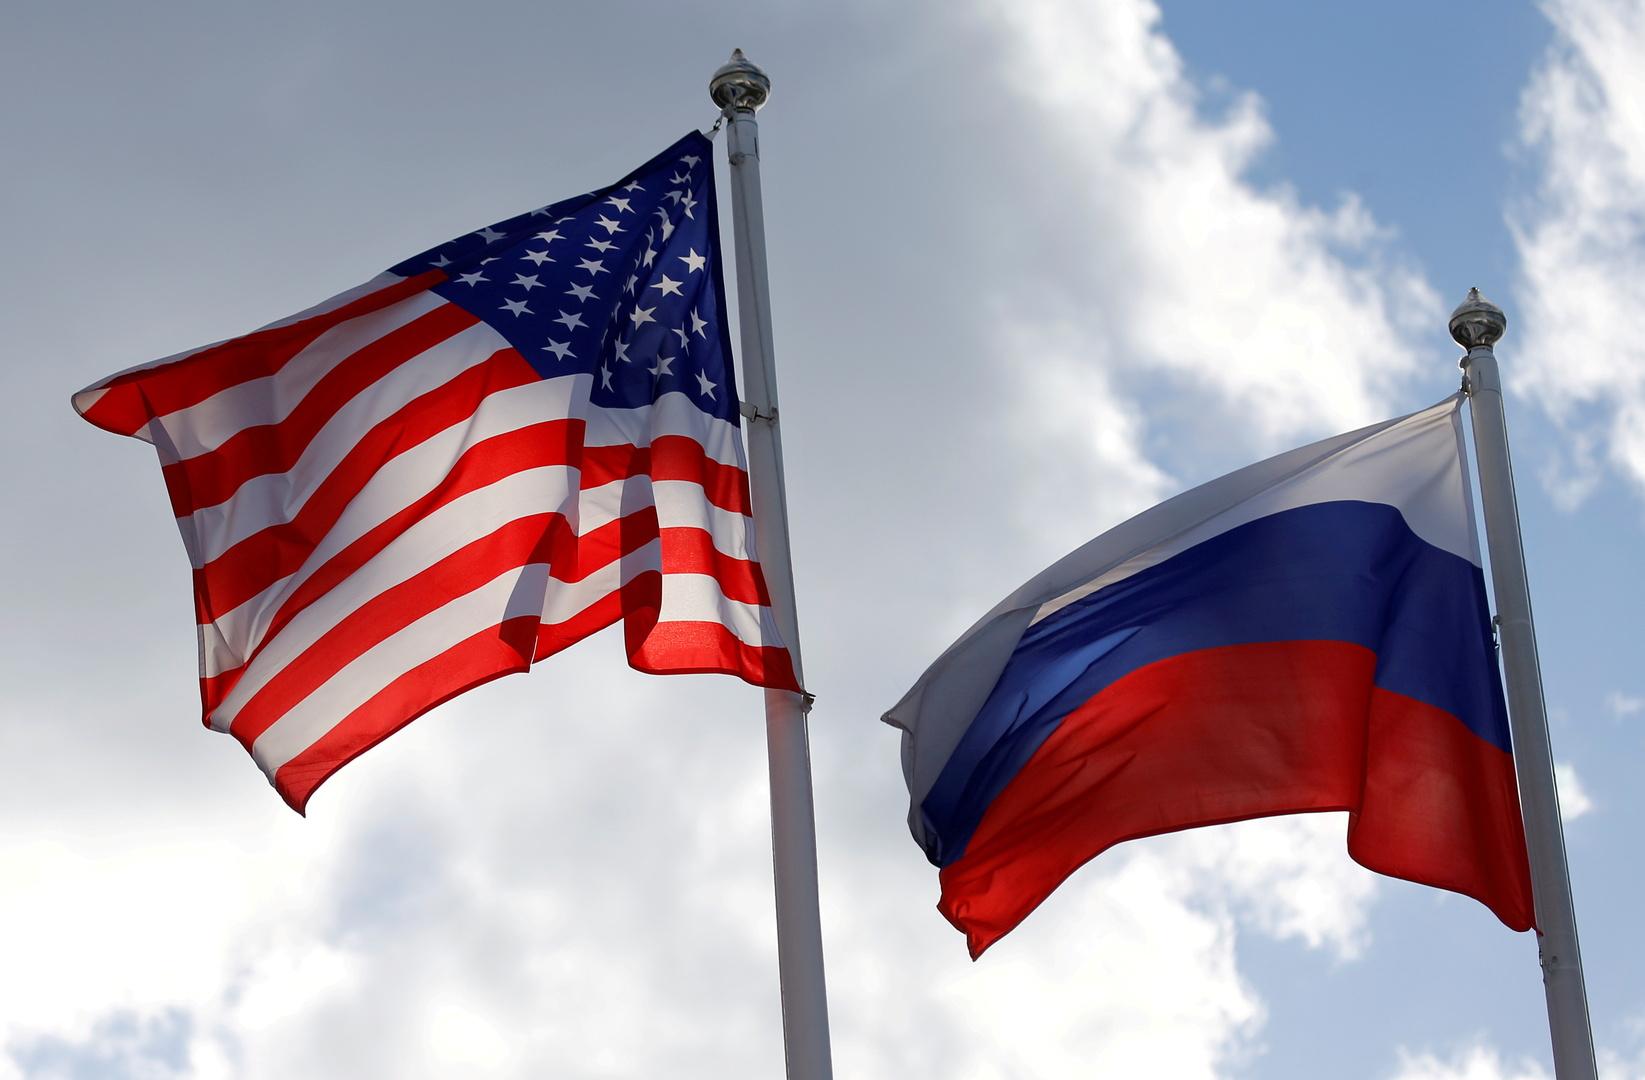 روسيا والولايات المتحدة تحددان موعد الجولة الثانية من المفاوضات الاستراتيجية